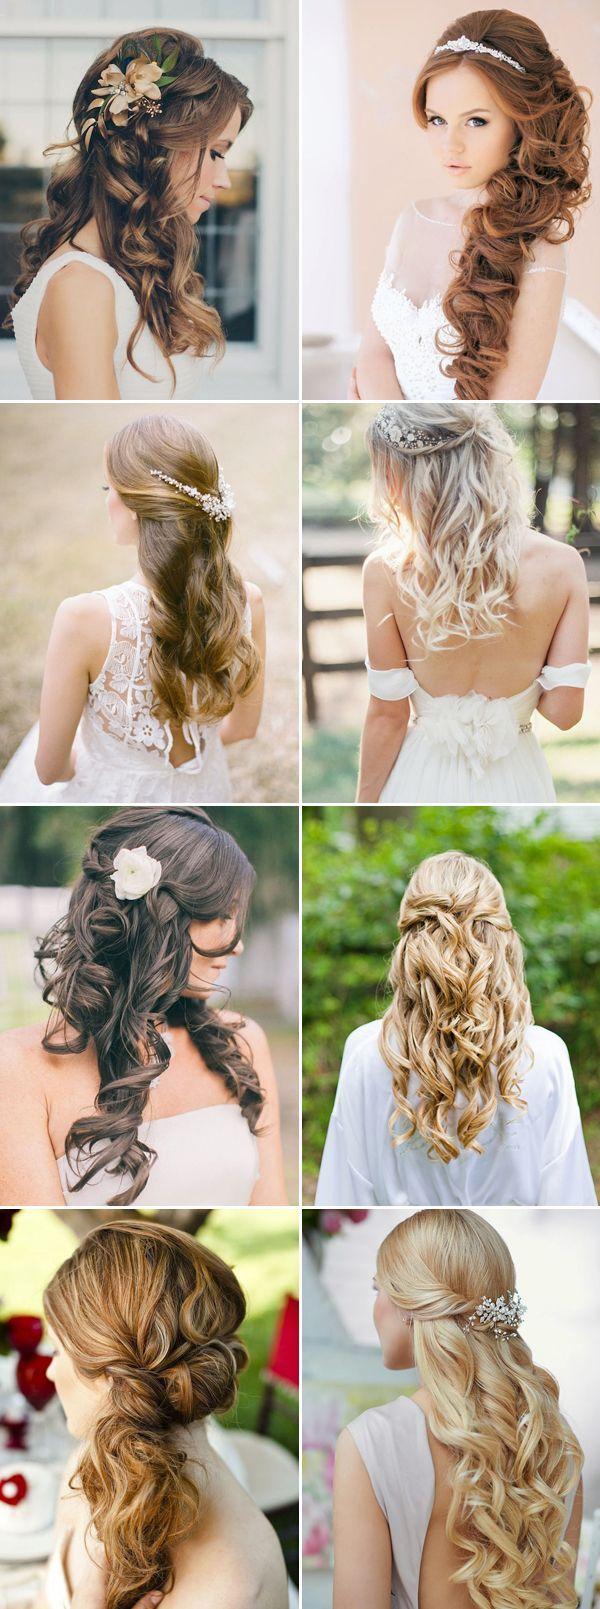 Peinados para novia en la playa